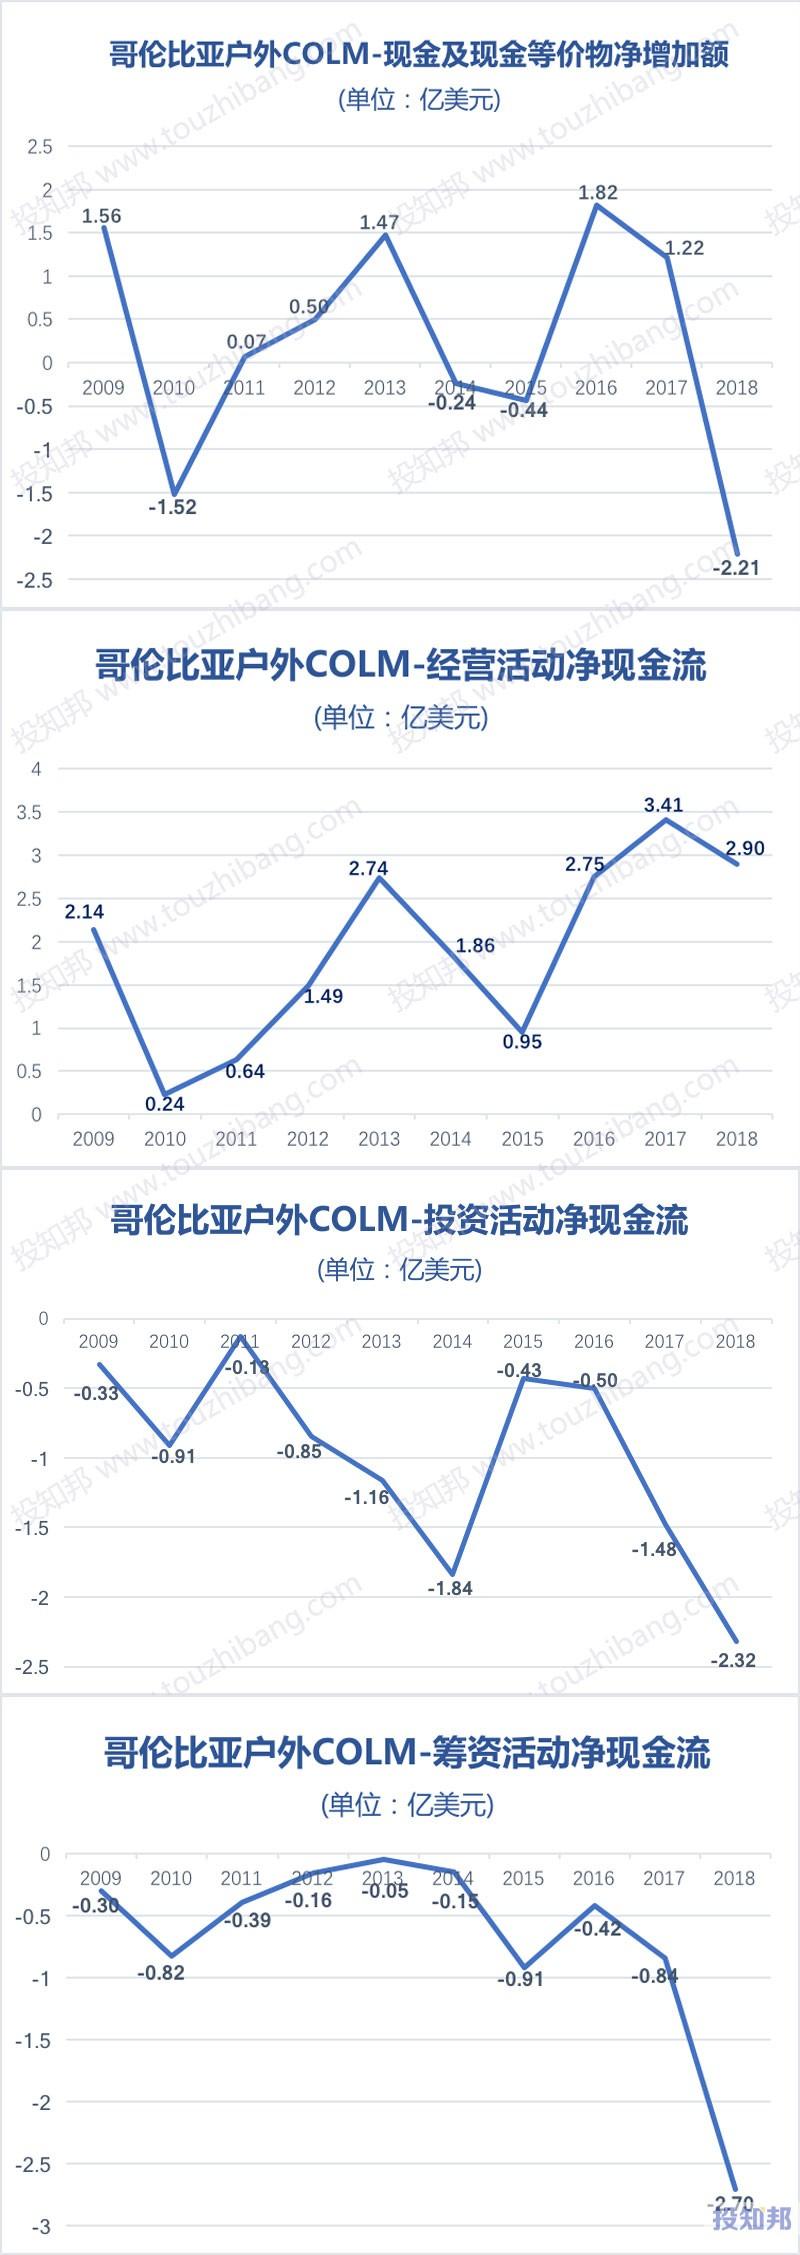 图解哥伦比亚户外(COLM)财报数据(2009年~2019年Q1)